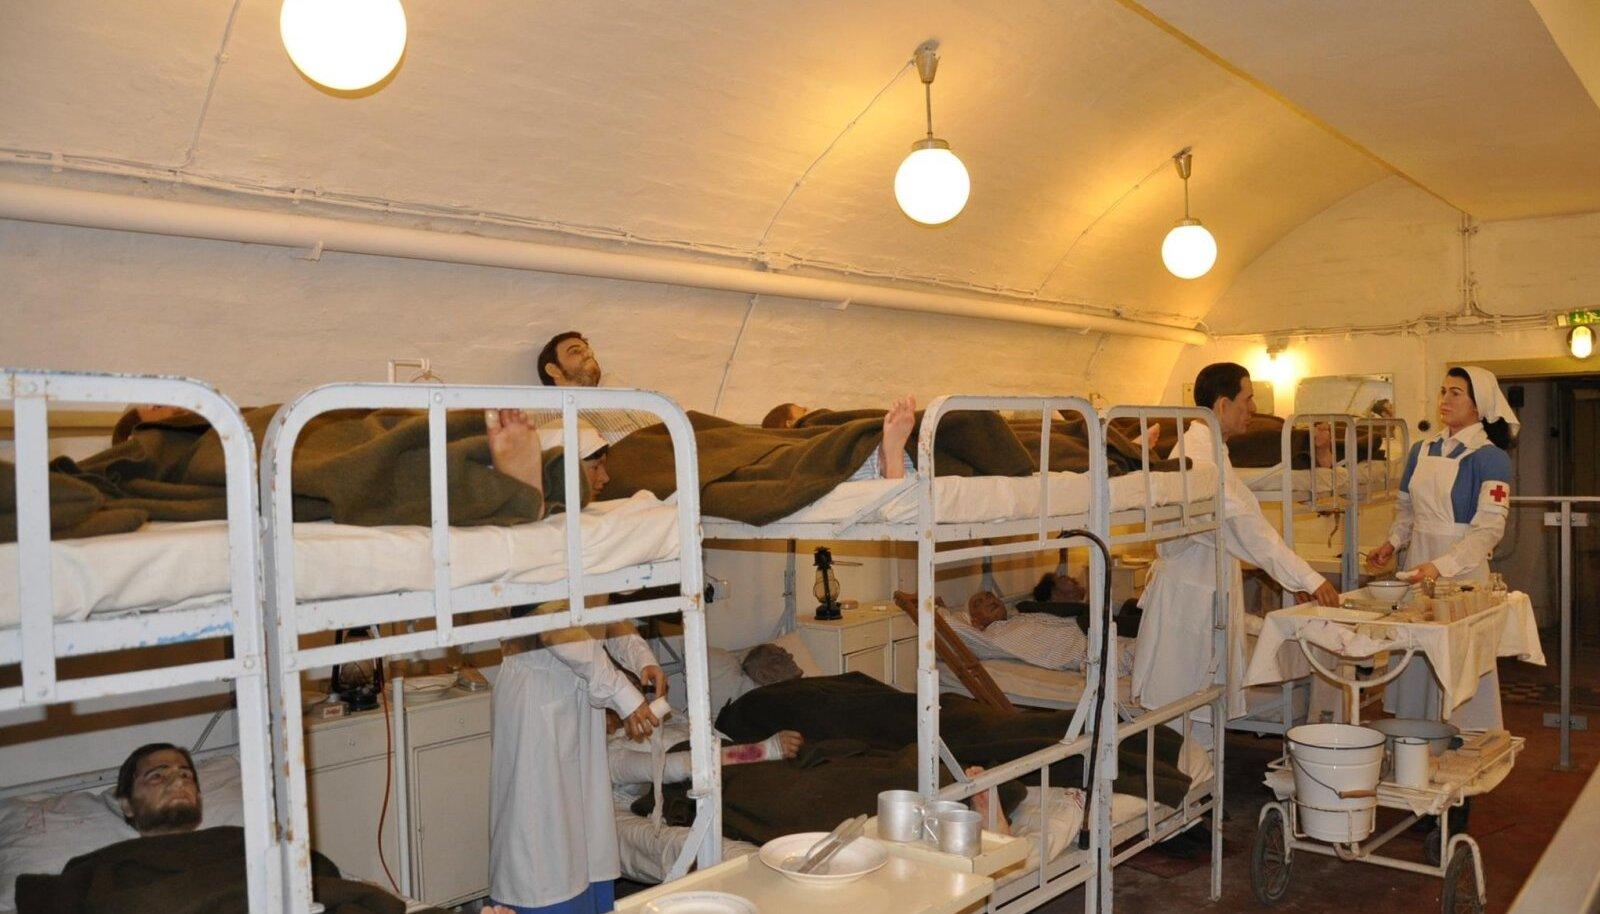 Üks osa muuseumi püsiekspositsioonist matkib arvukate vahakujudega II maailmasõja ajal tegutsenud haigla tööd.